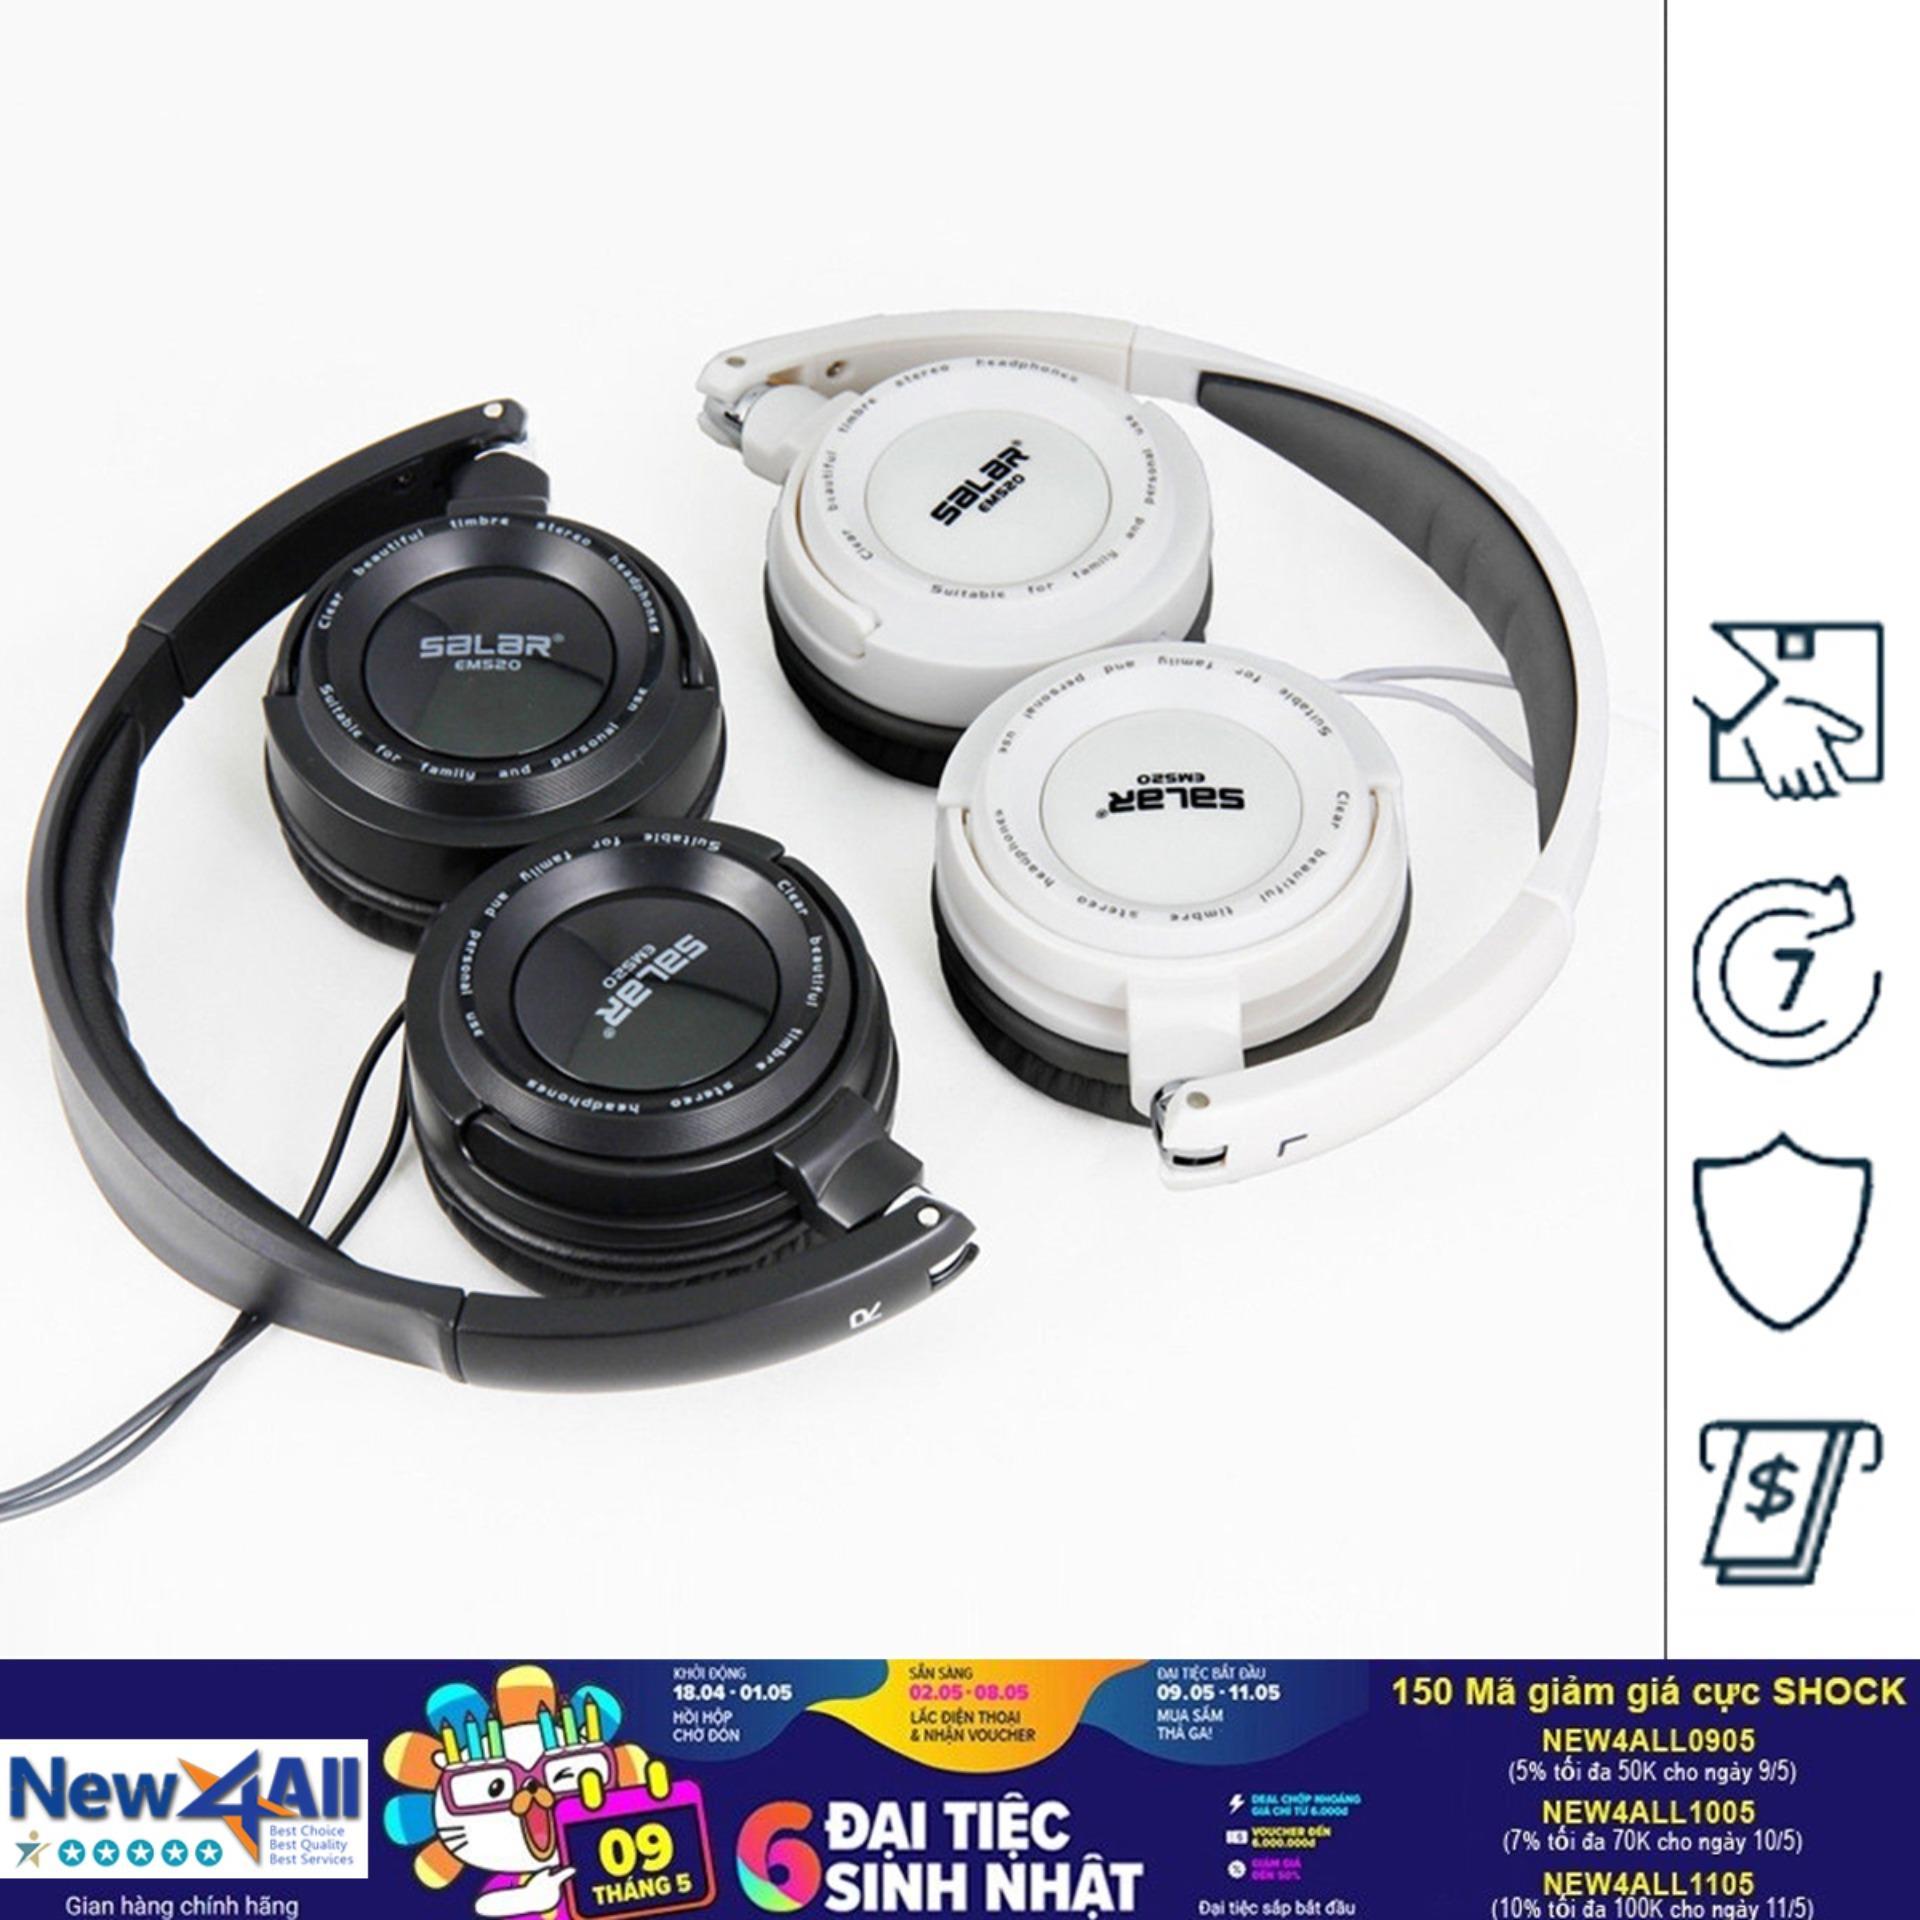 Giá Bán Tai Nghe Over Ear Salar Em520 Gaming Headphone Trắng Đen Trực Tuyến